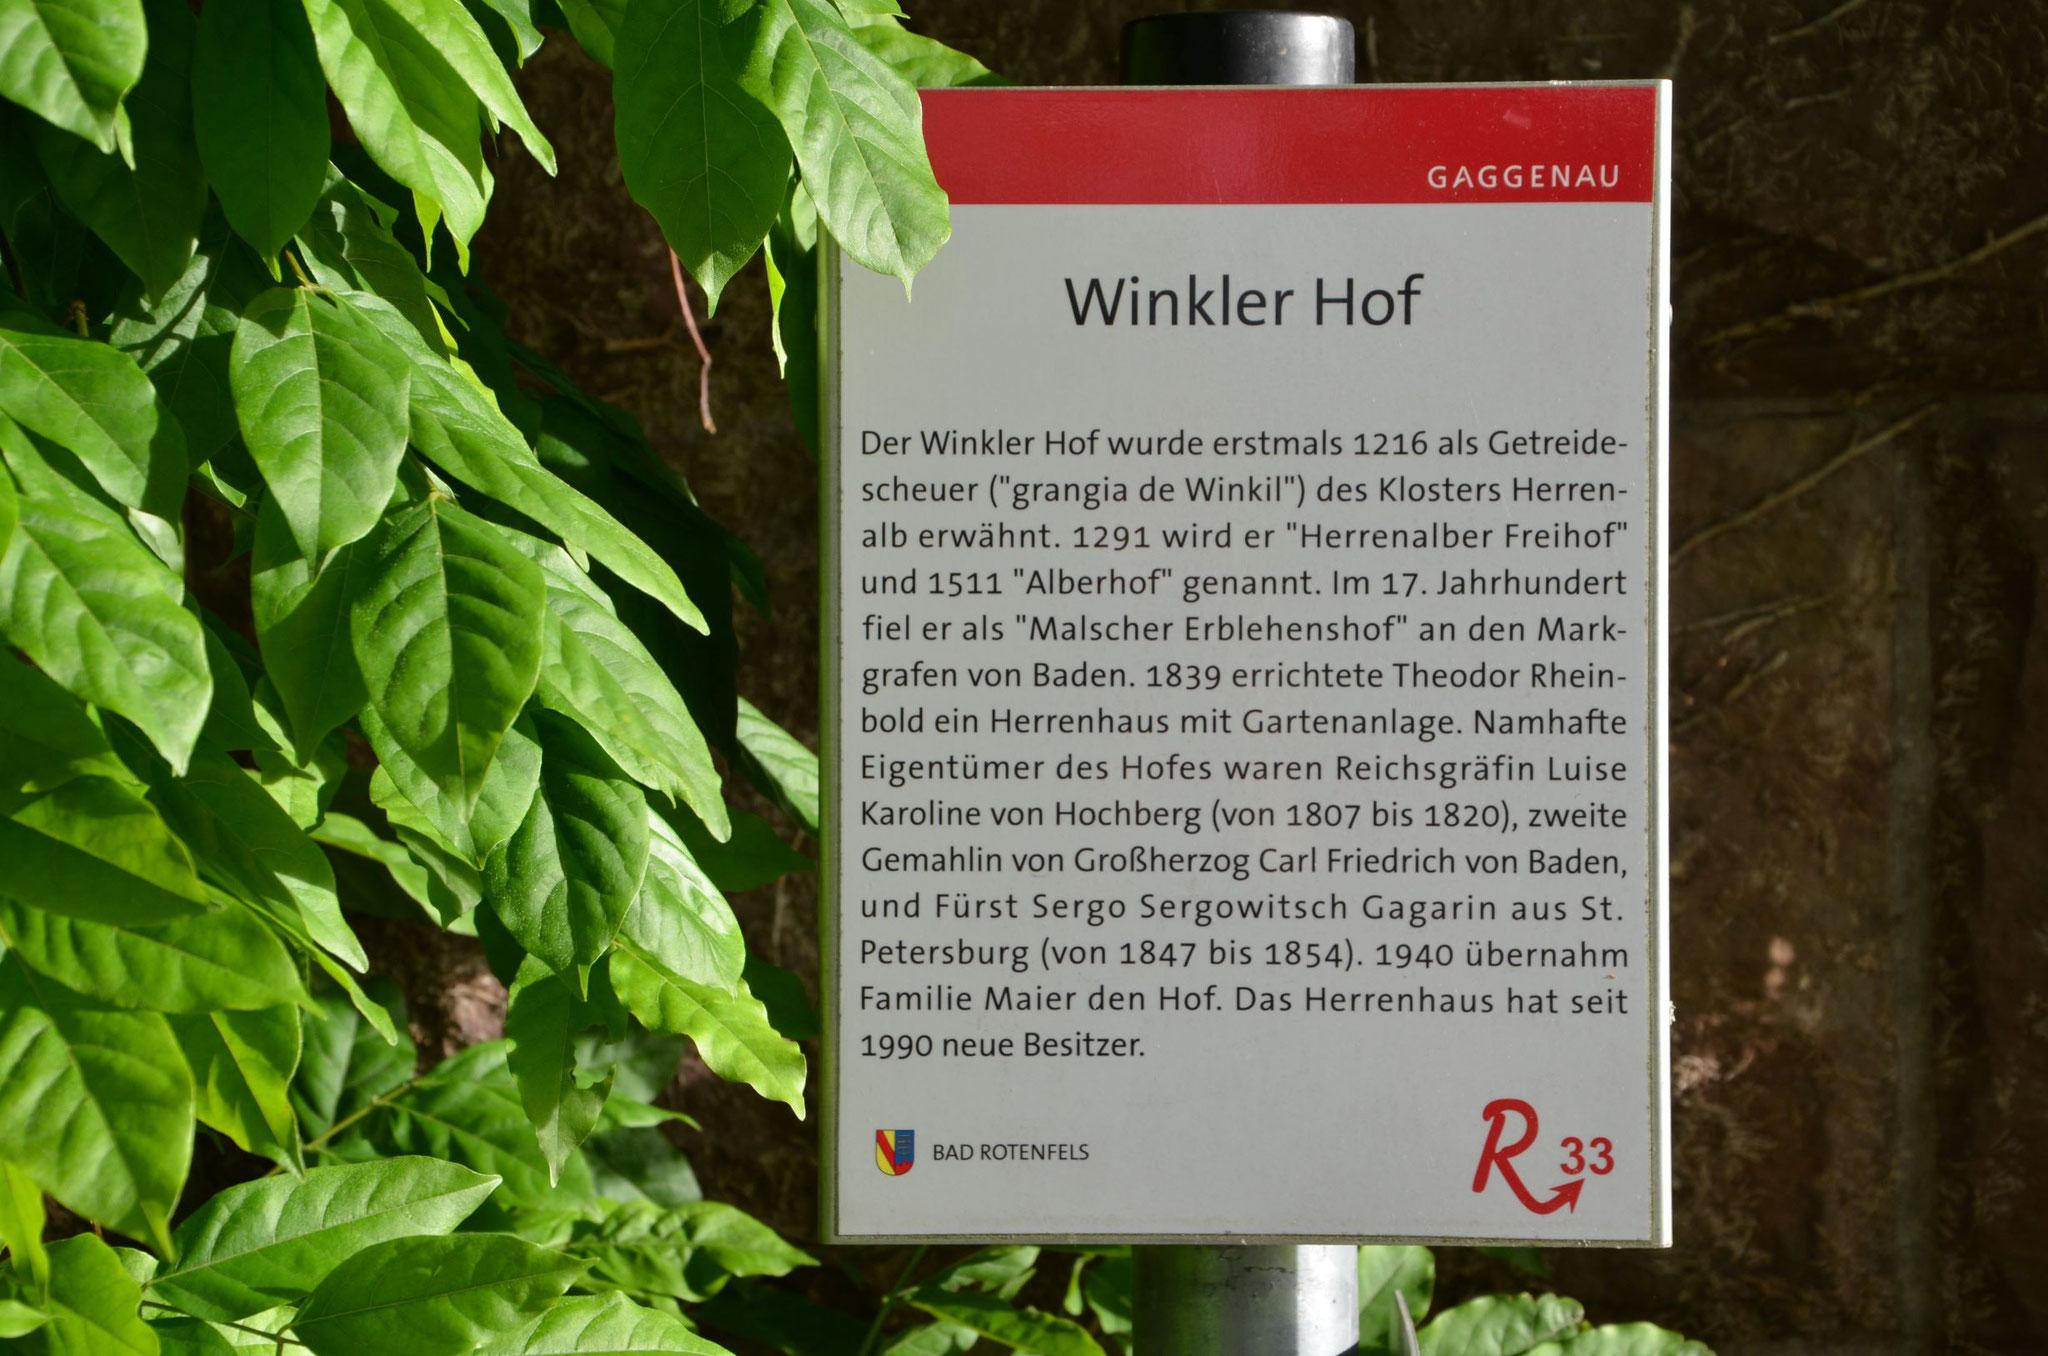 Geschichte des Winklerhofs